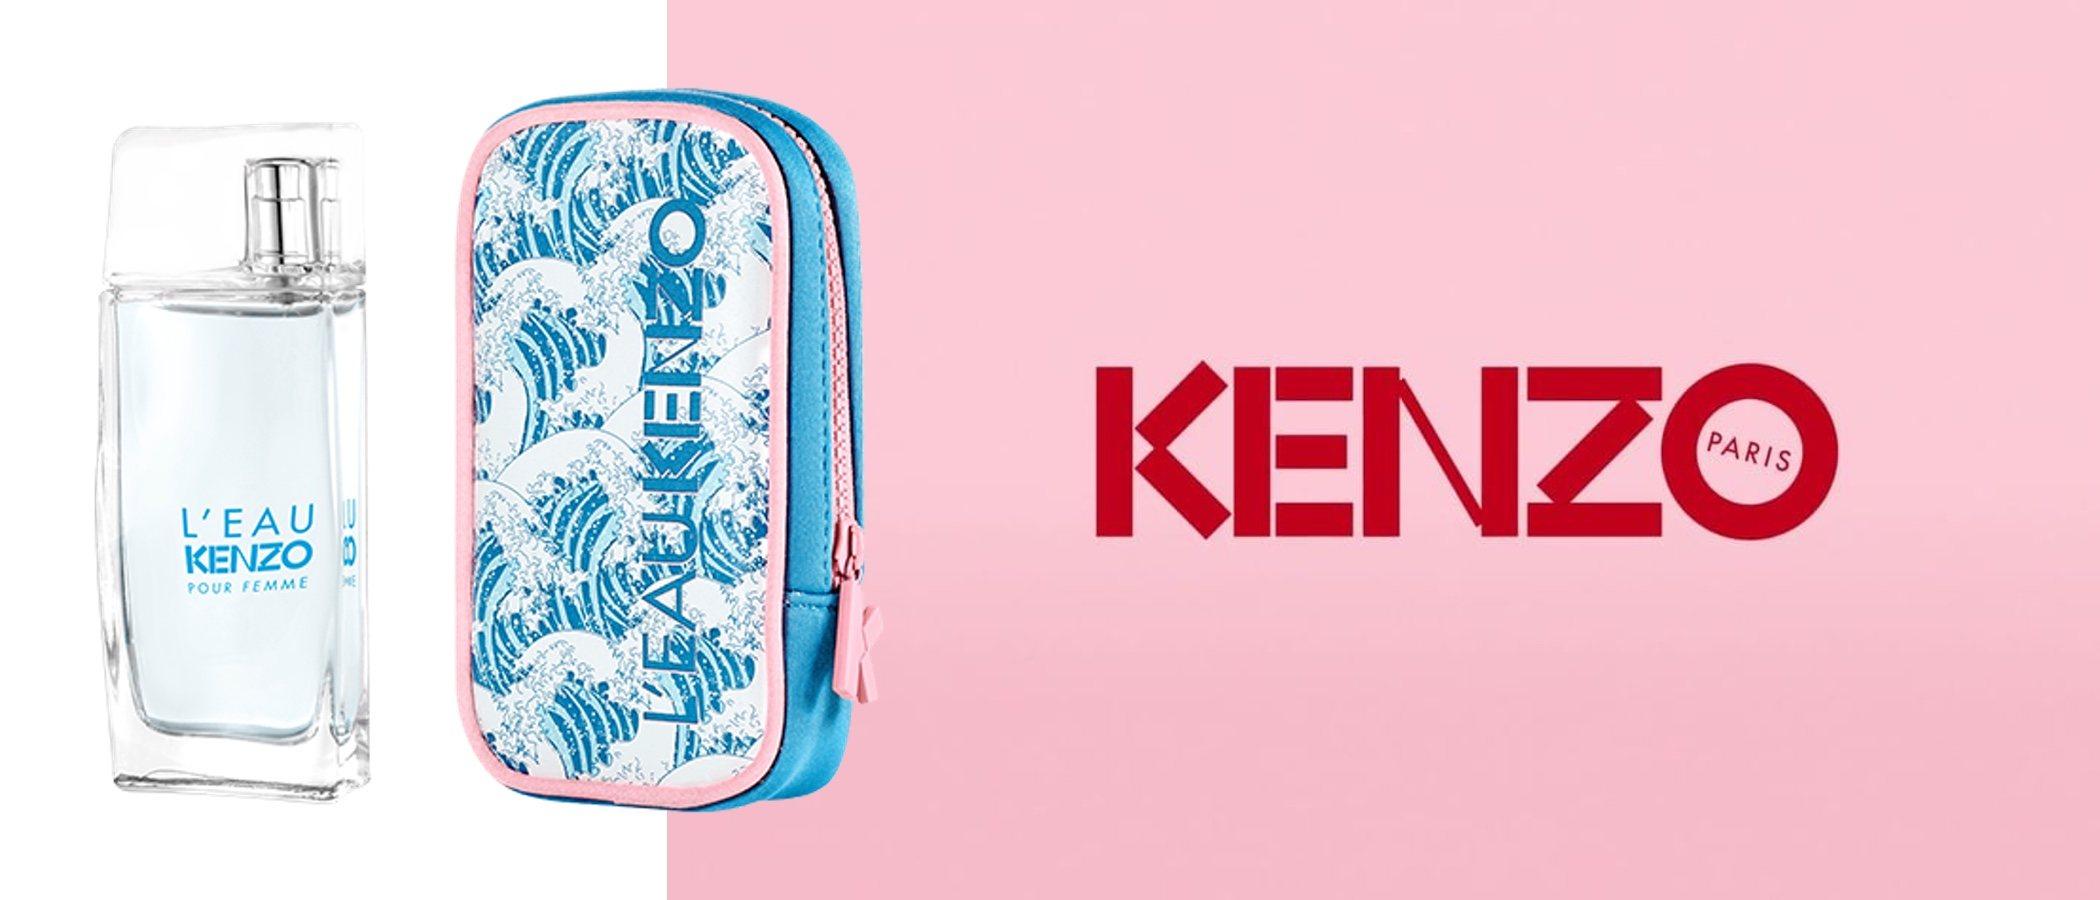 'L'Eau Kenzo', la nueva fragancia que hace oda a la vida